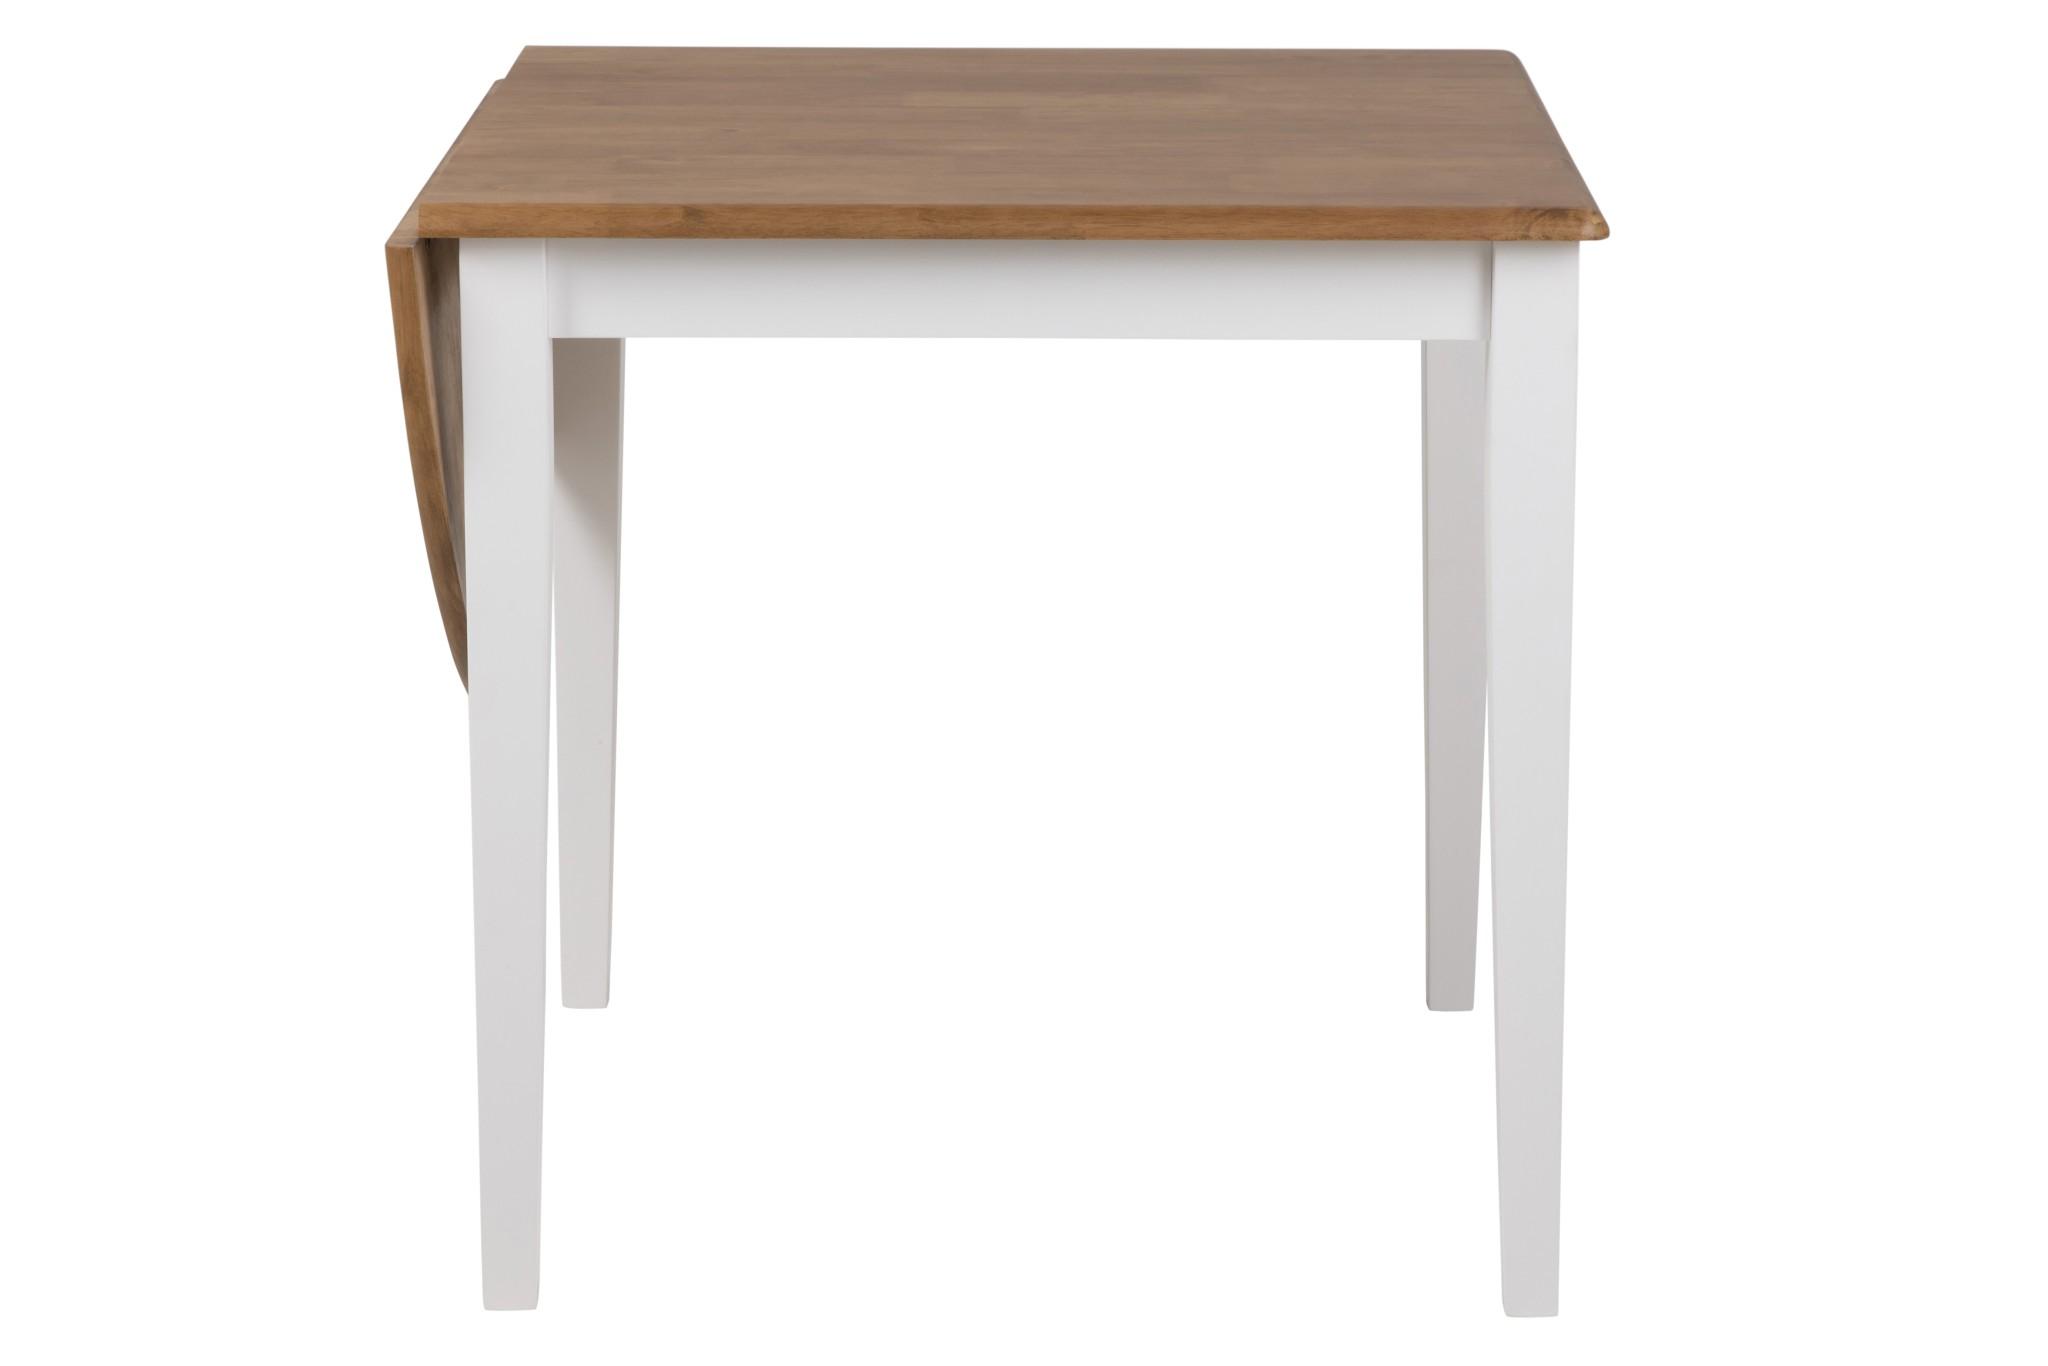 Esstisch Brie 75 115x75 Cm Klapptisch Kuchentisch Wohnzimmer Tisch Massiv Holz Dynamic 24 De